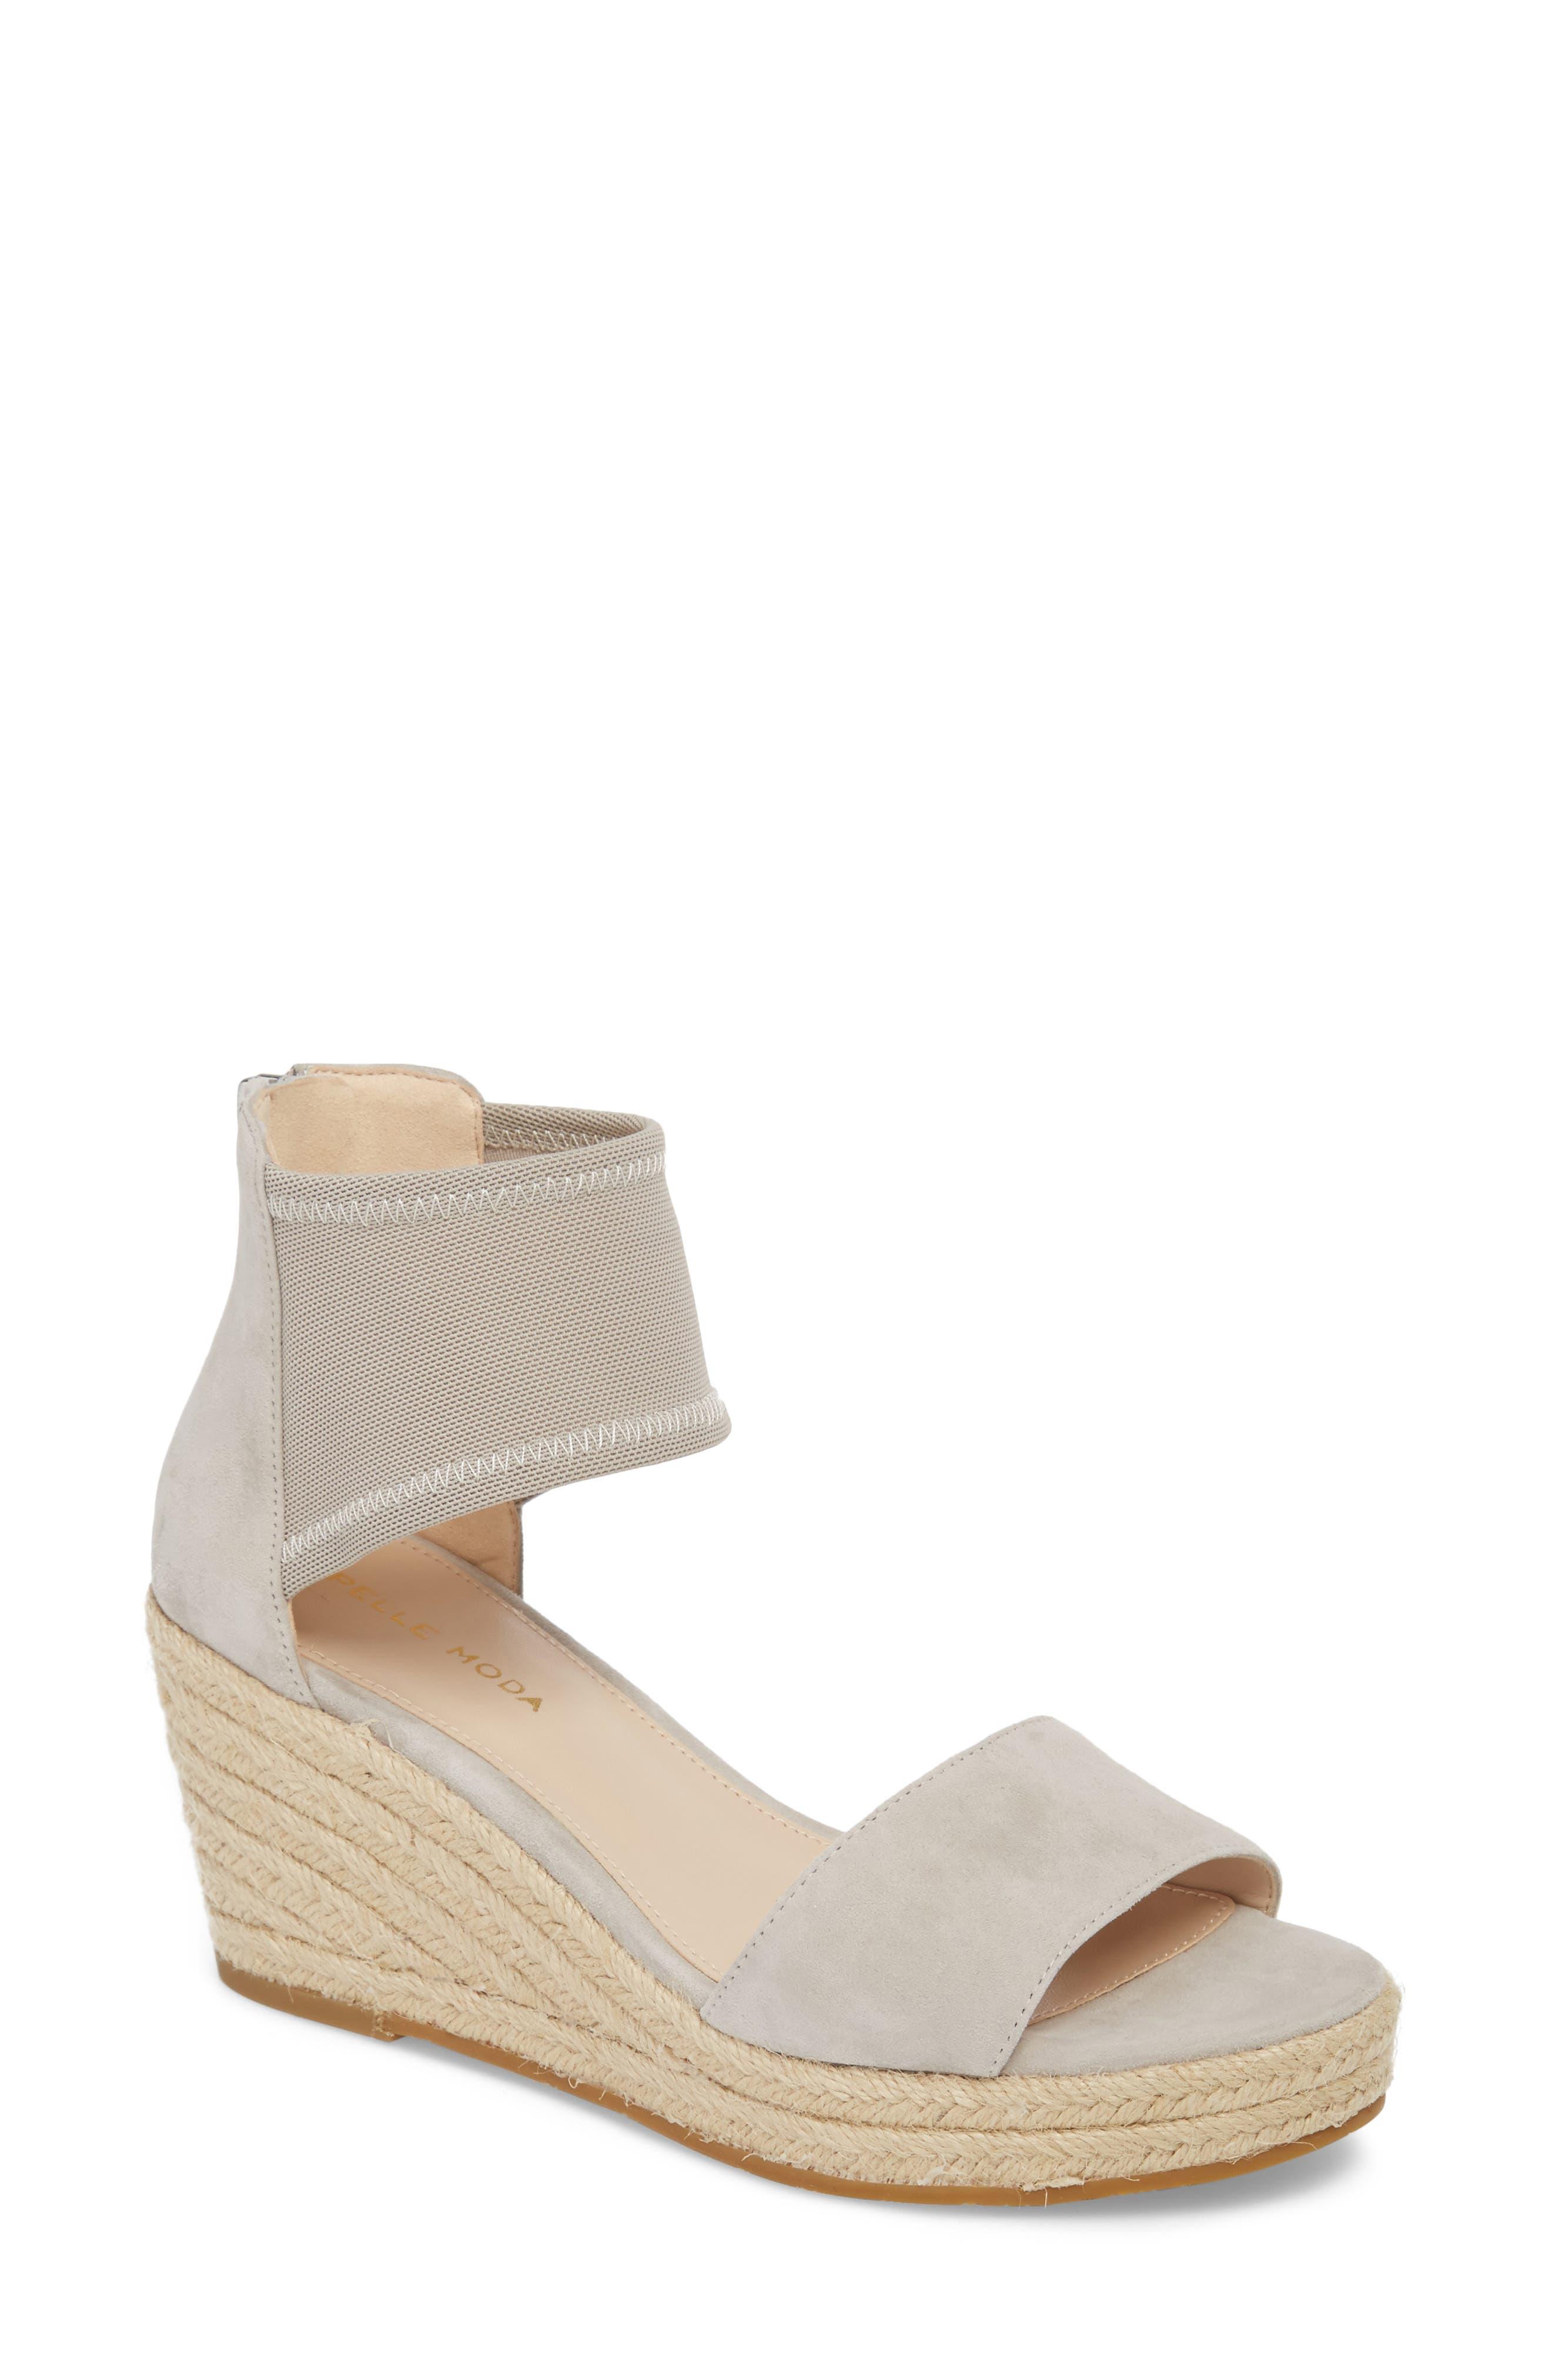 Kona Platform Wedge Sandal,                             Main thumbnail 1, color,                             CLOUD SUEDE